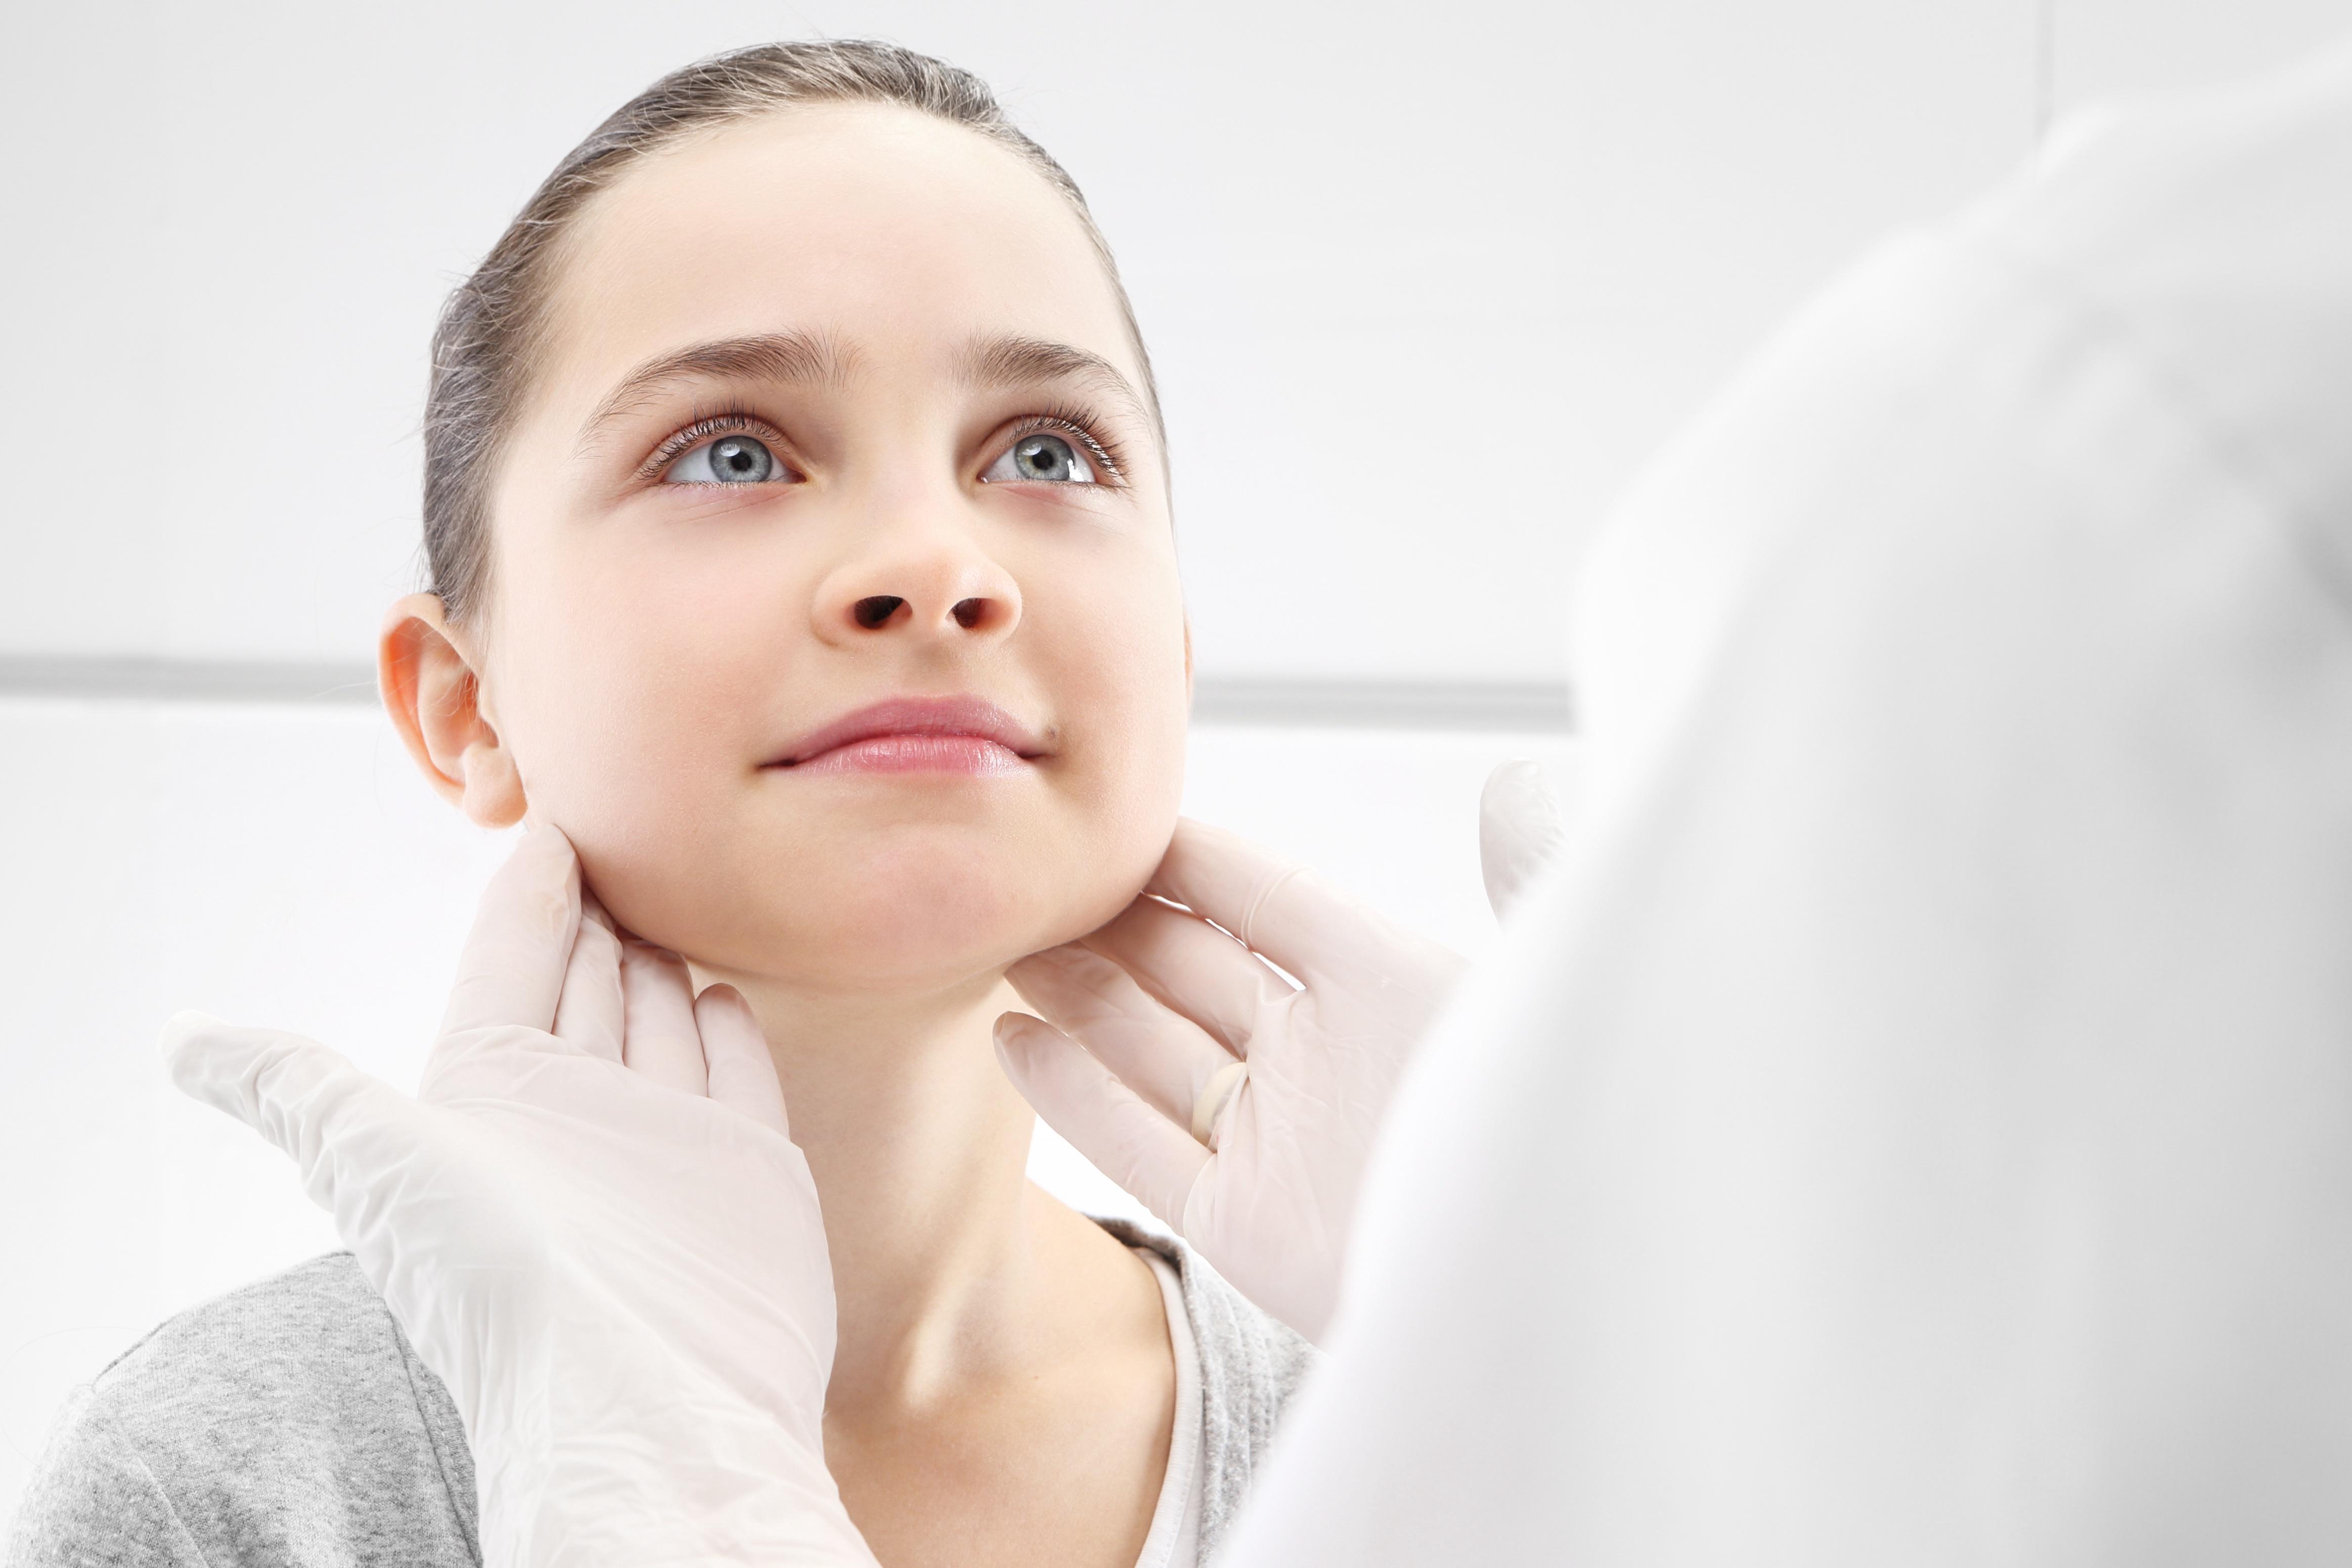 声音嘶哑的临床常见原因探析